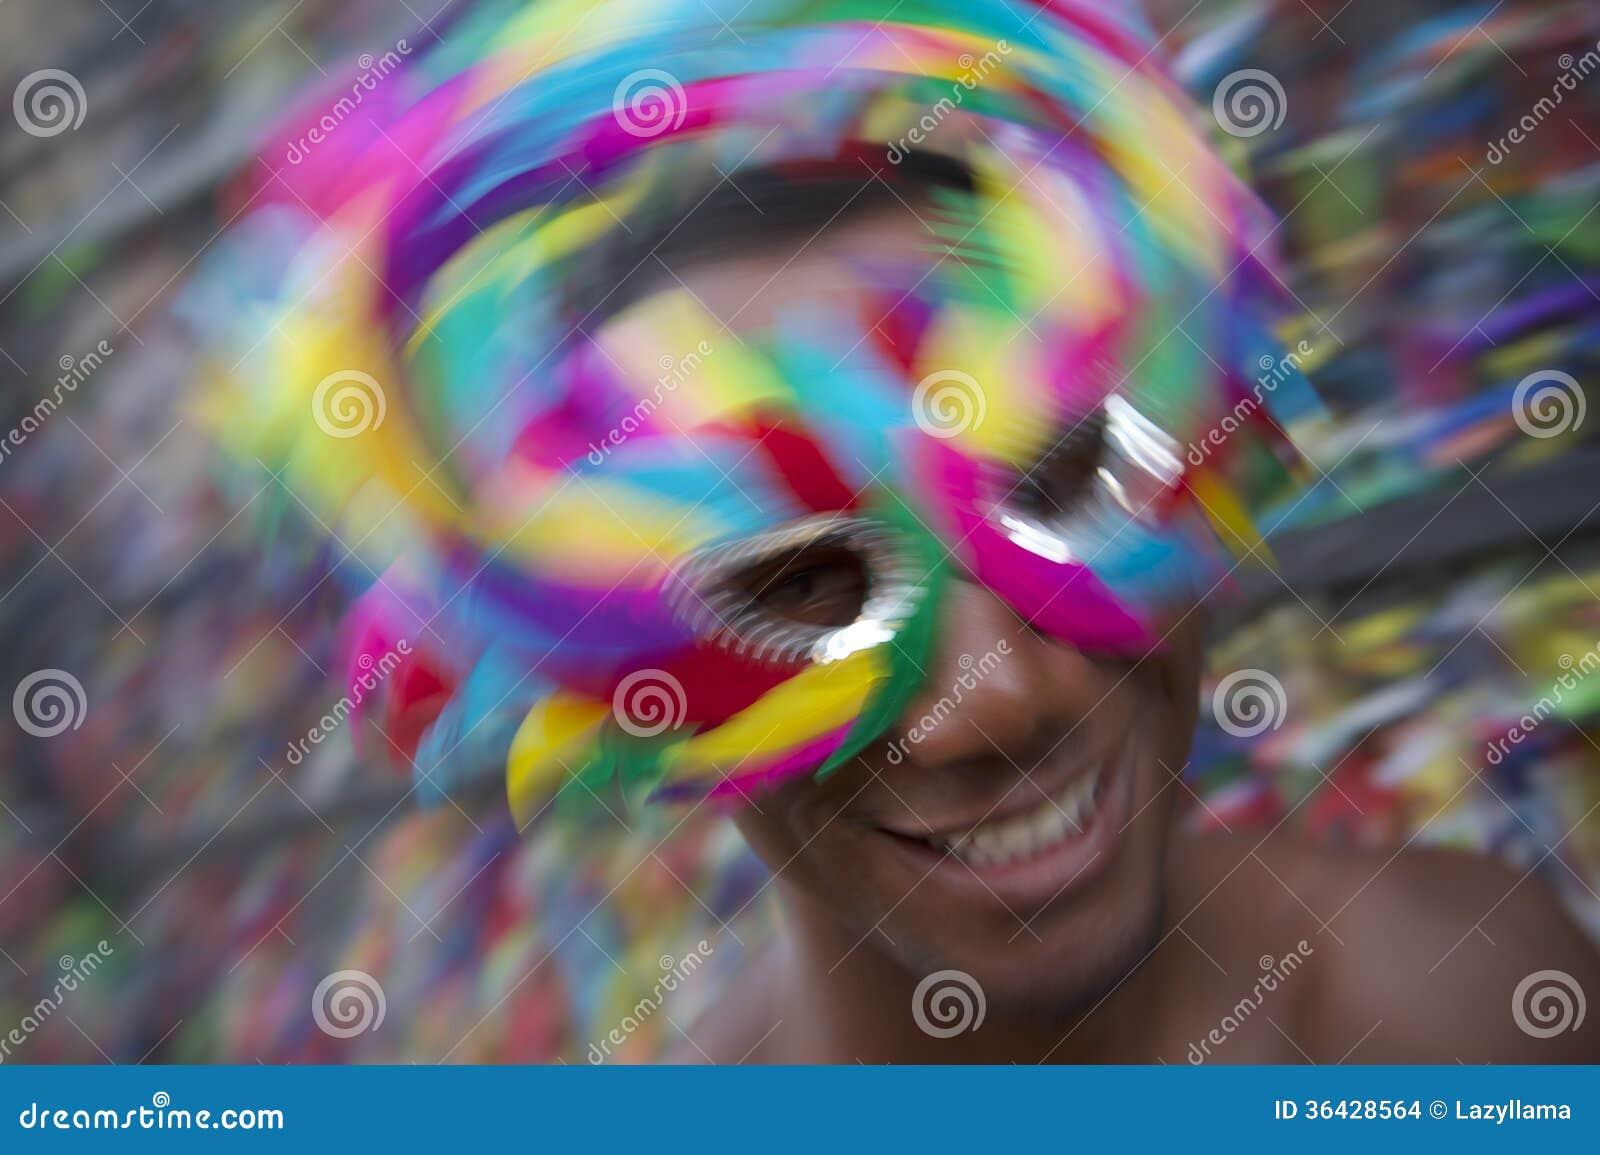 Homem de Salvador Carnival Samba Dancing Brazilian que sorri na máscara colorida